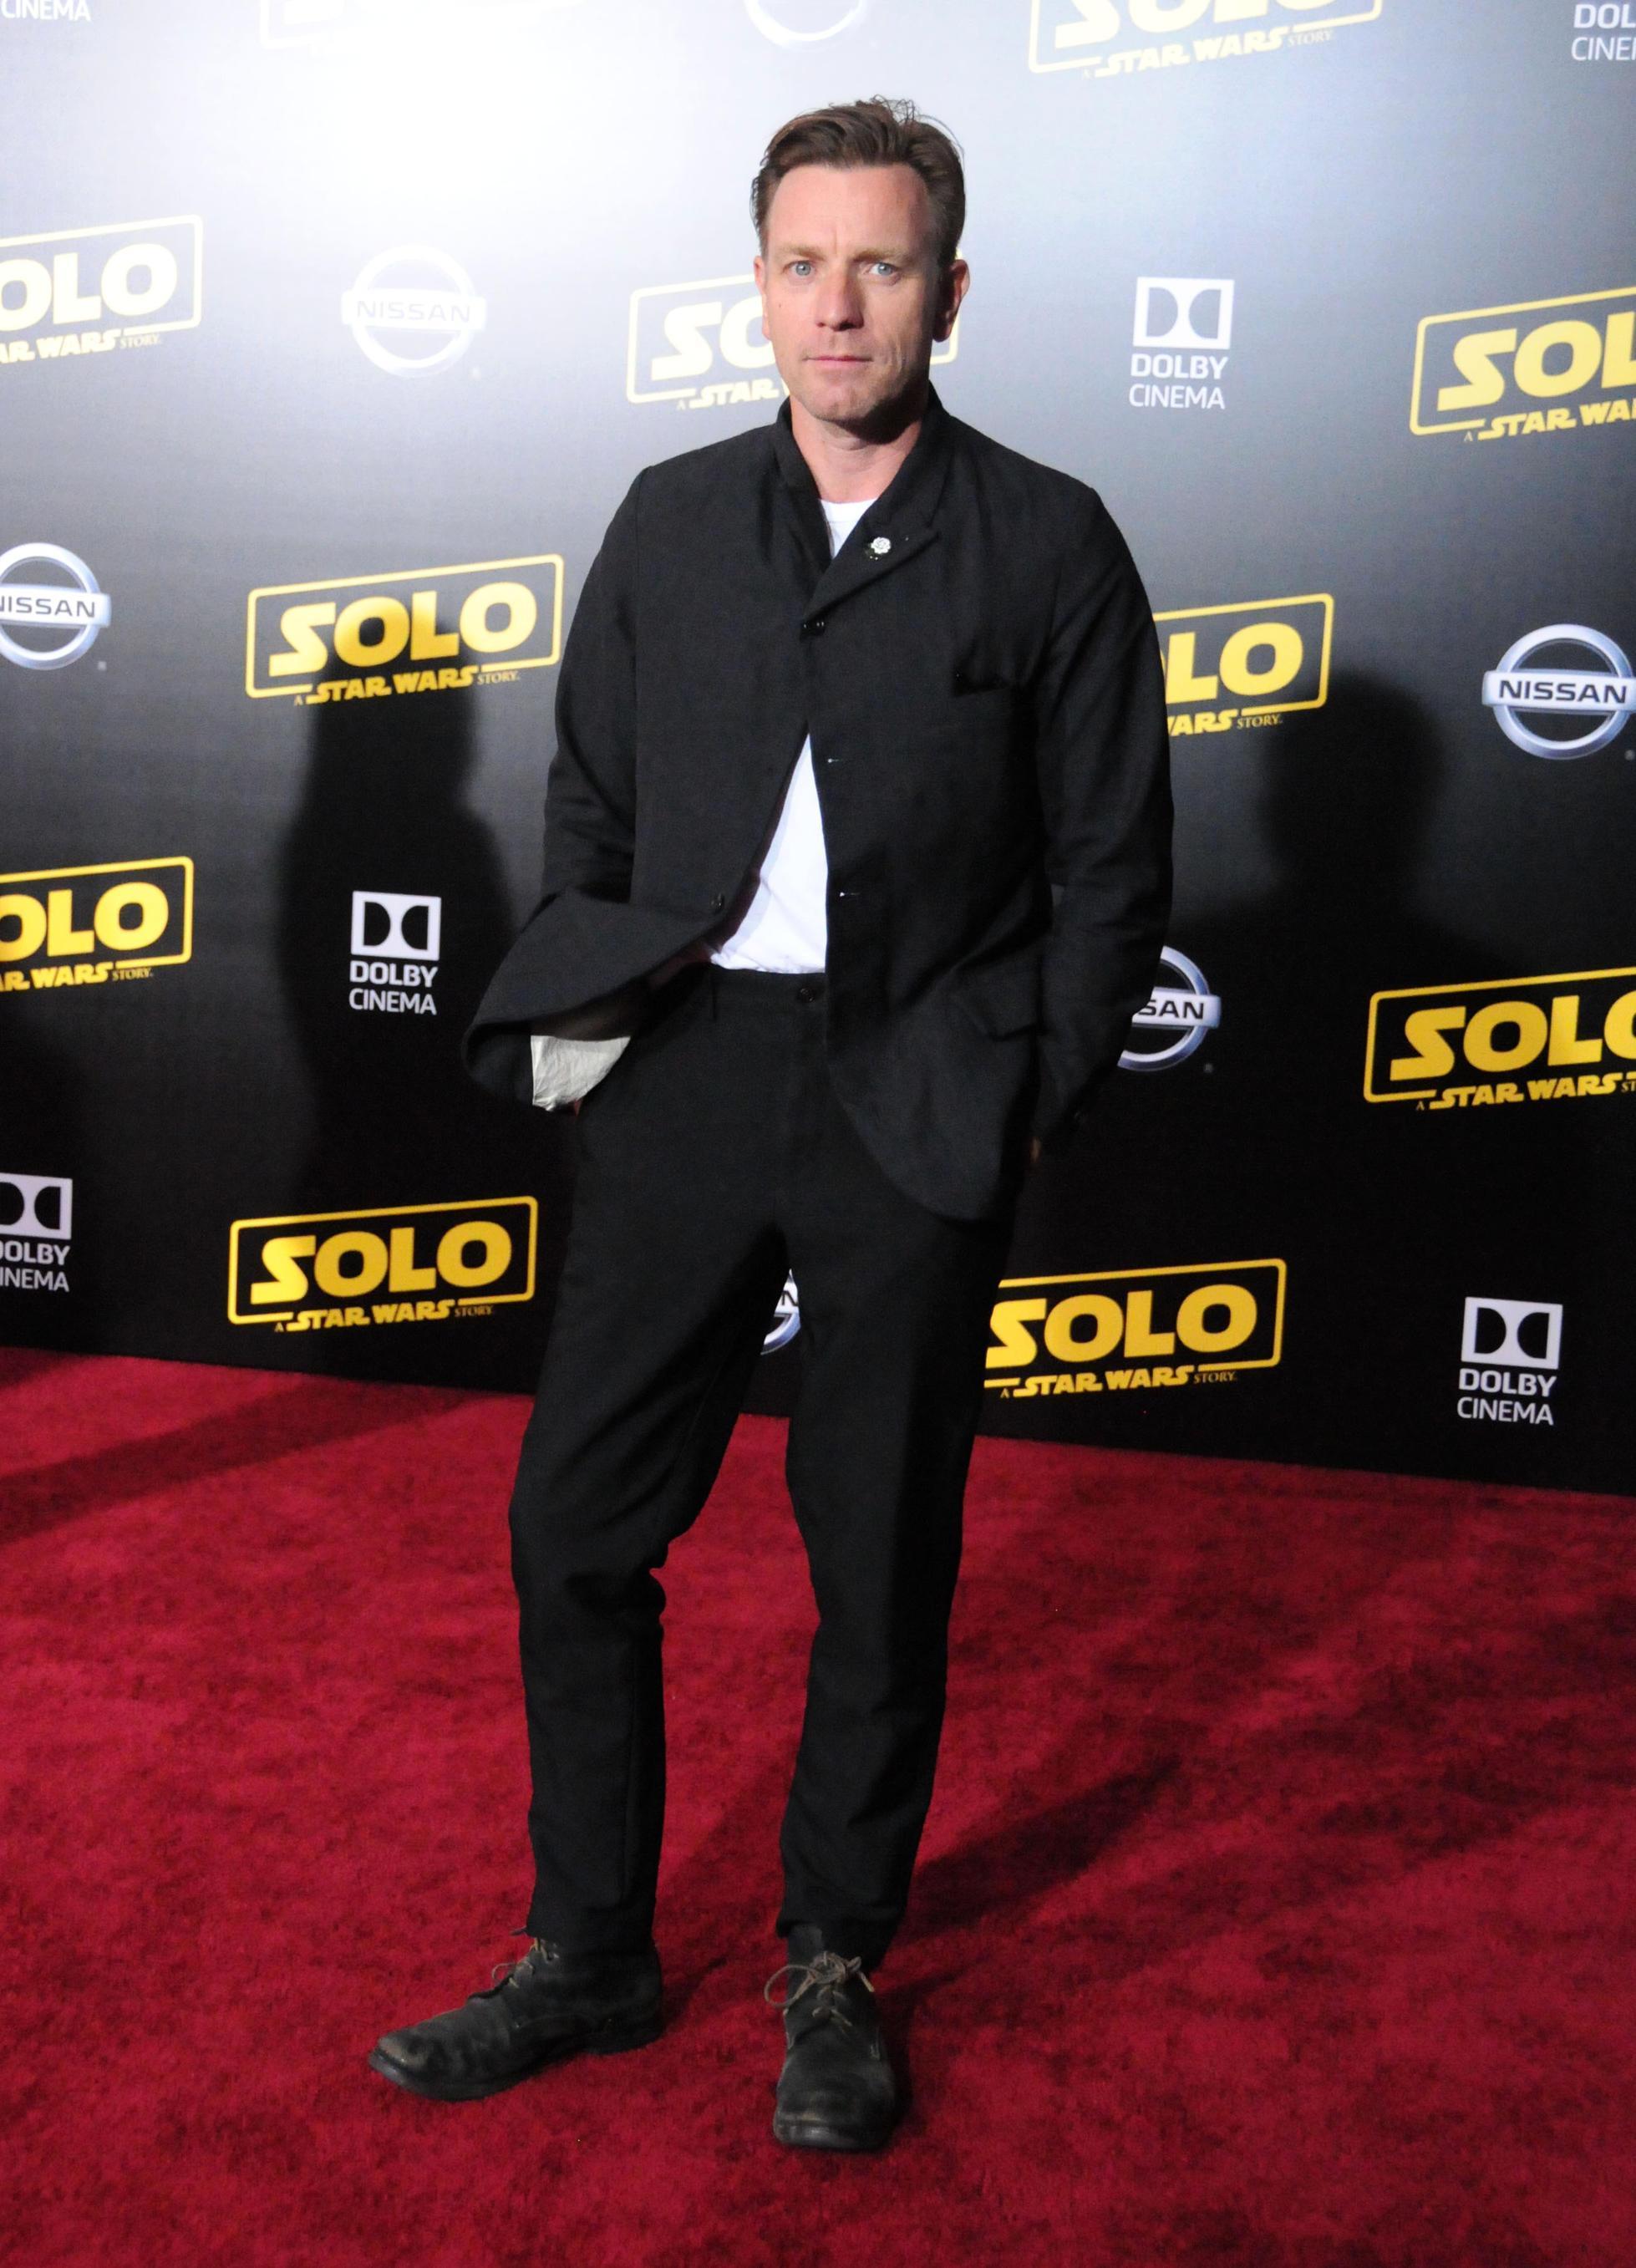 Ewan McGregor na premiére filmu Solo: A Star Wars Story